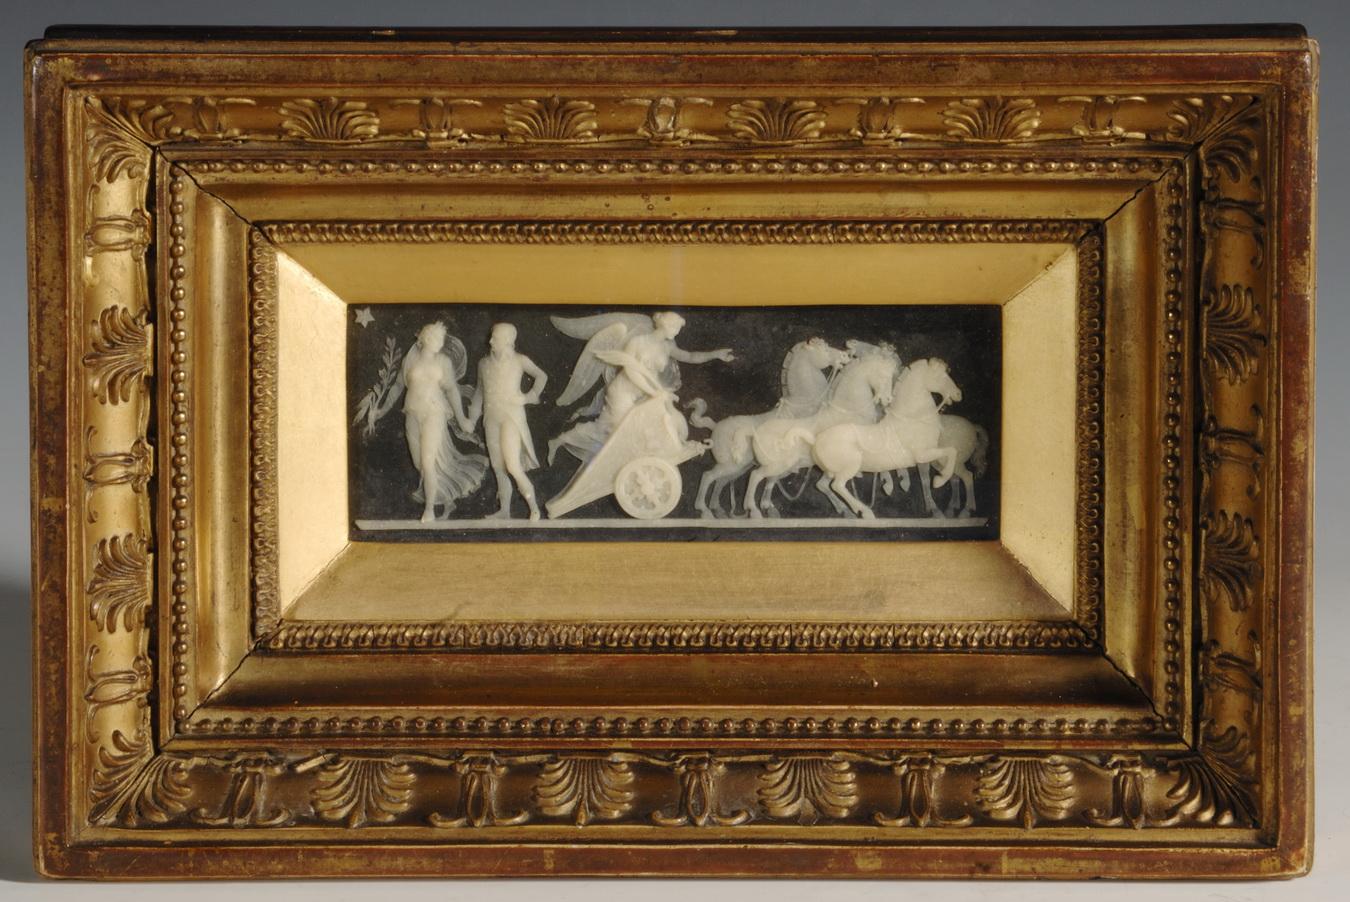 Les chevaux de Mars - Patrimoine Charles-André COLONNA WALEWSKI, en ligne directe de Napoléon